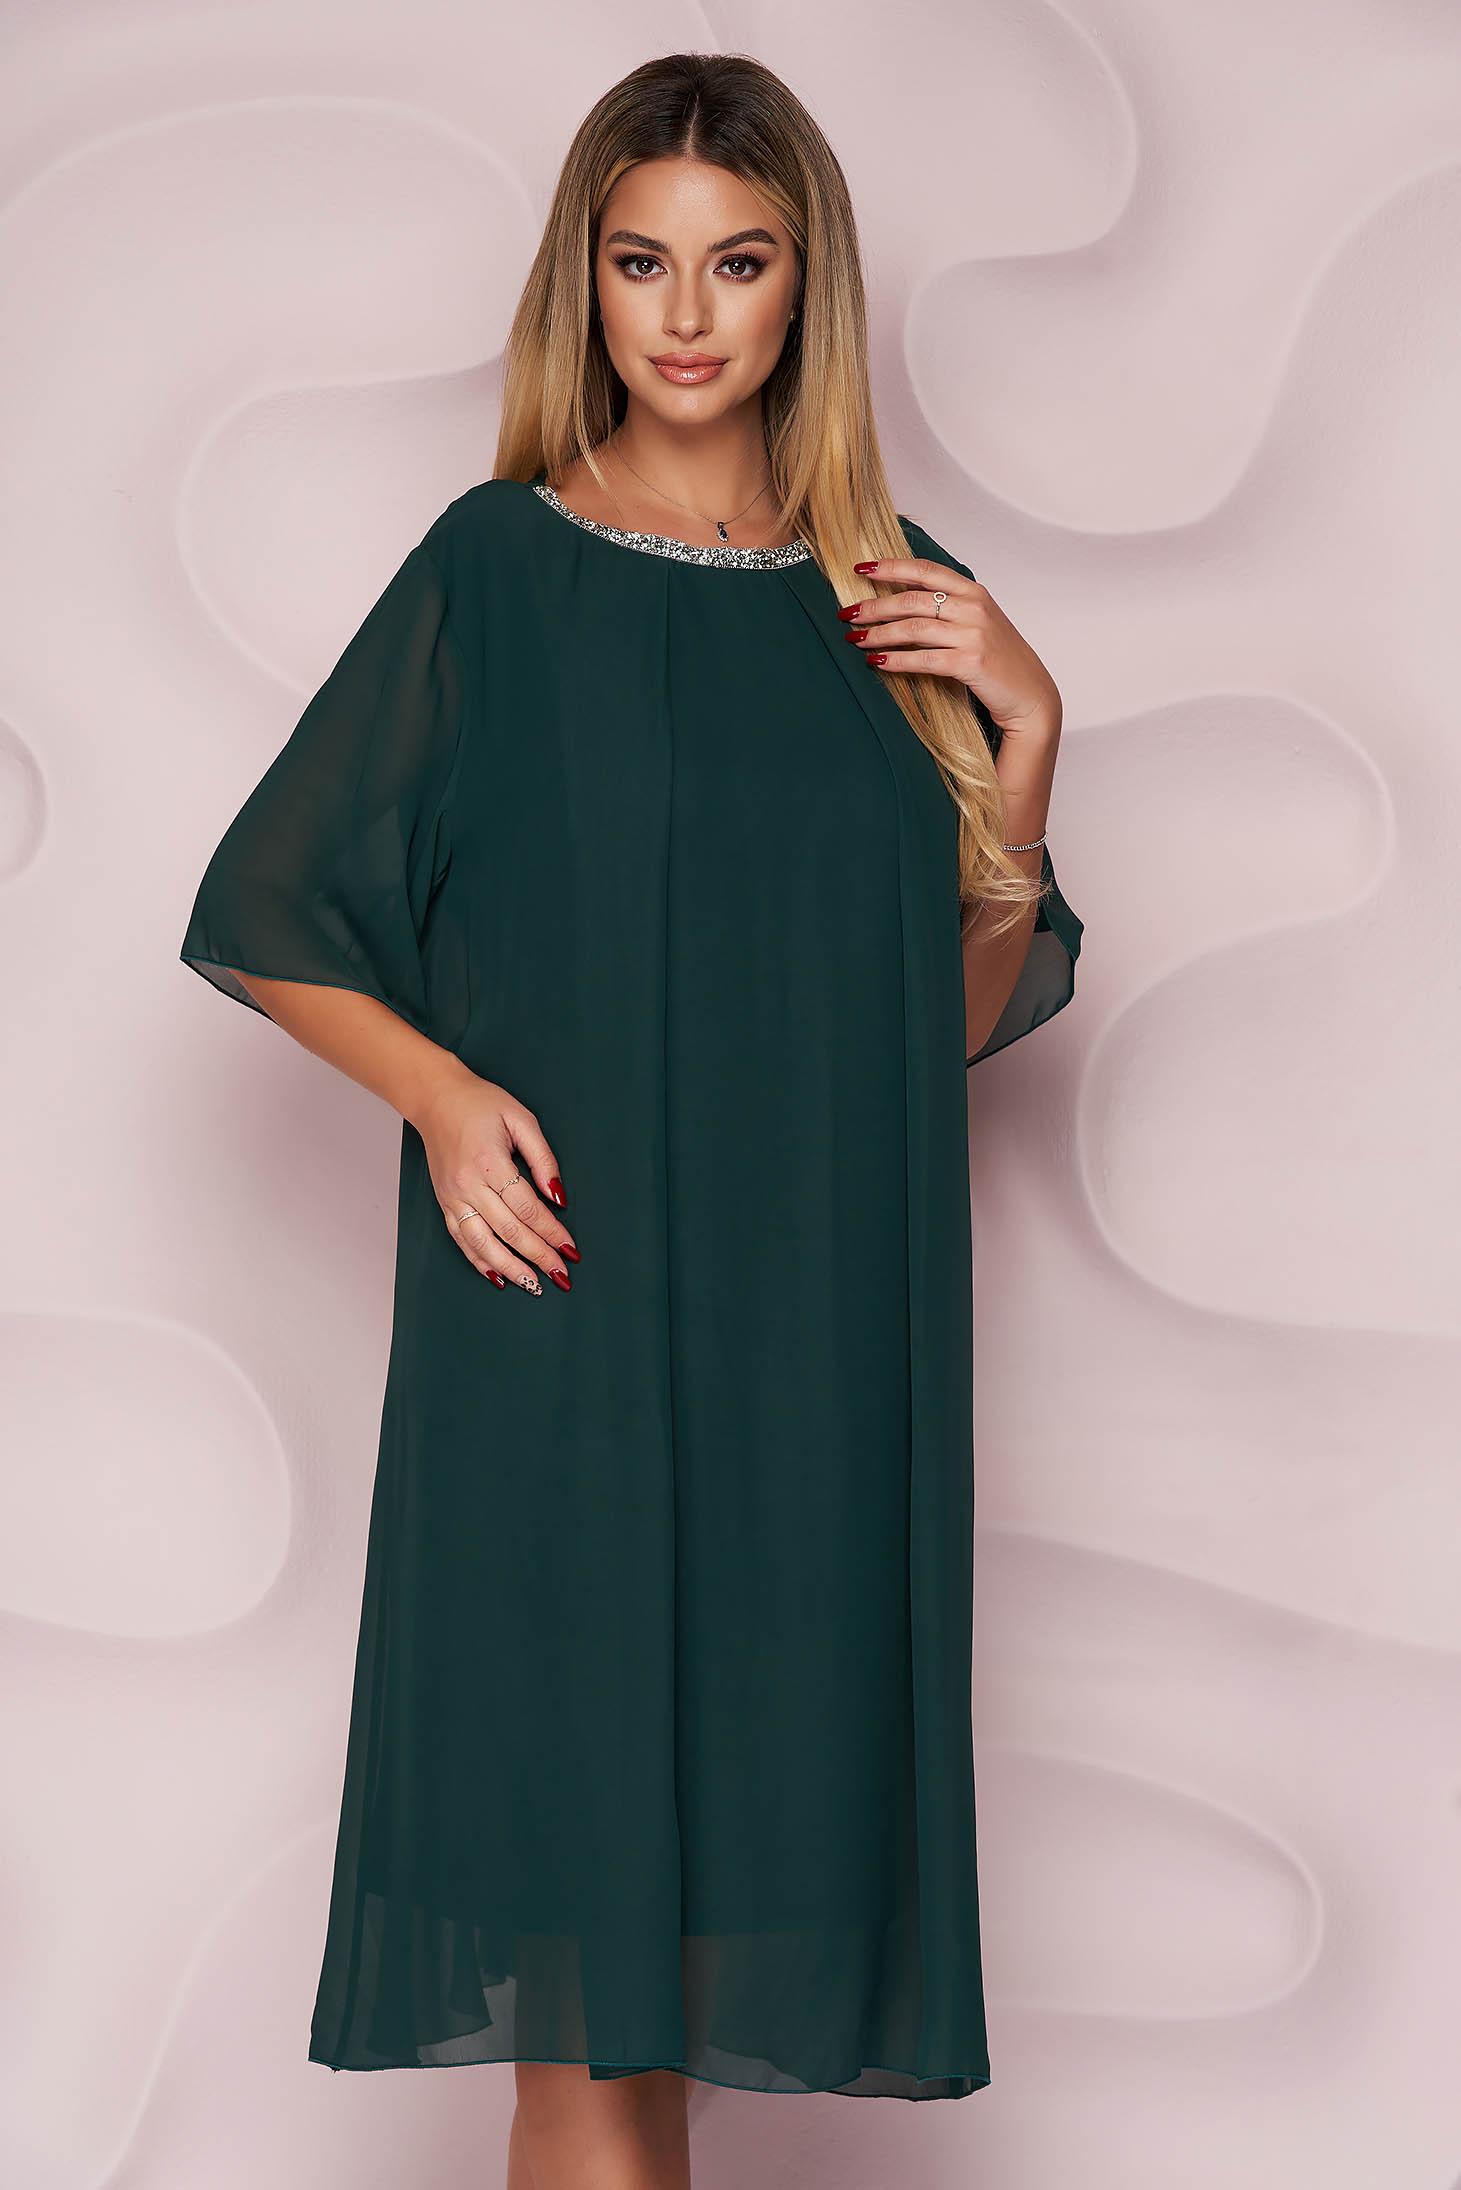 Bő szabású zöld midi muszlin ruha strassz köves díszítés alkalmi